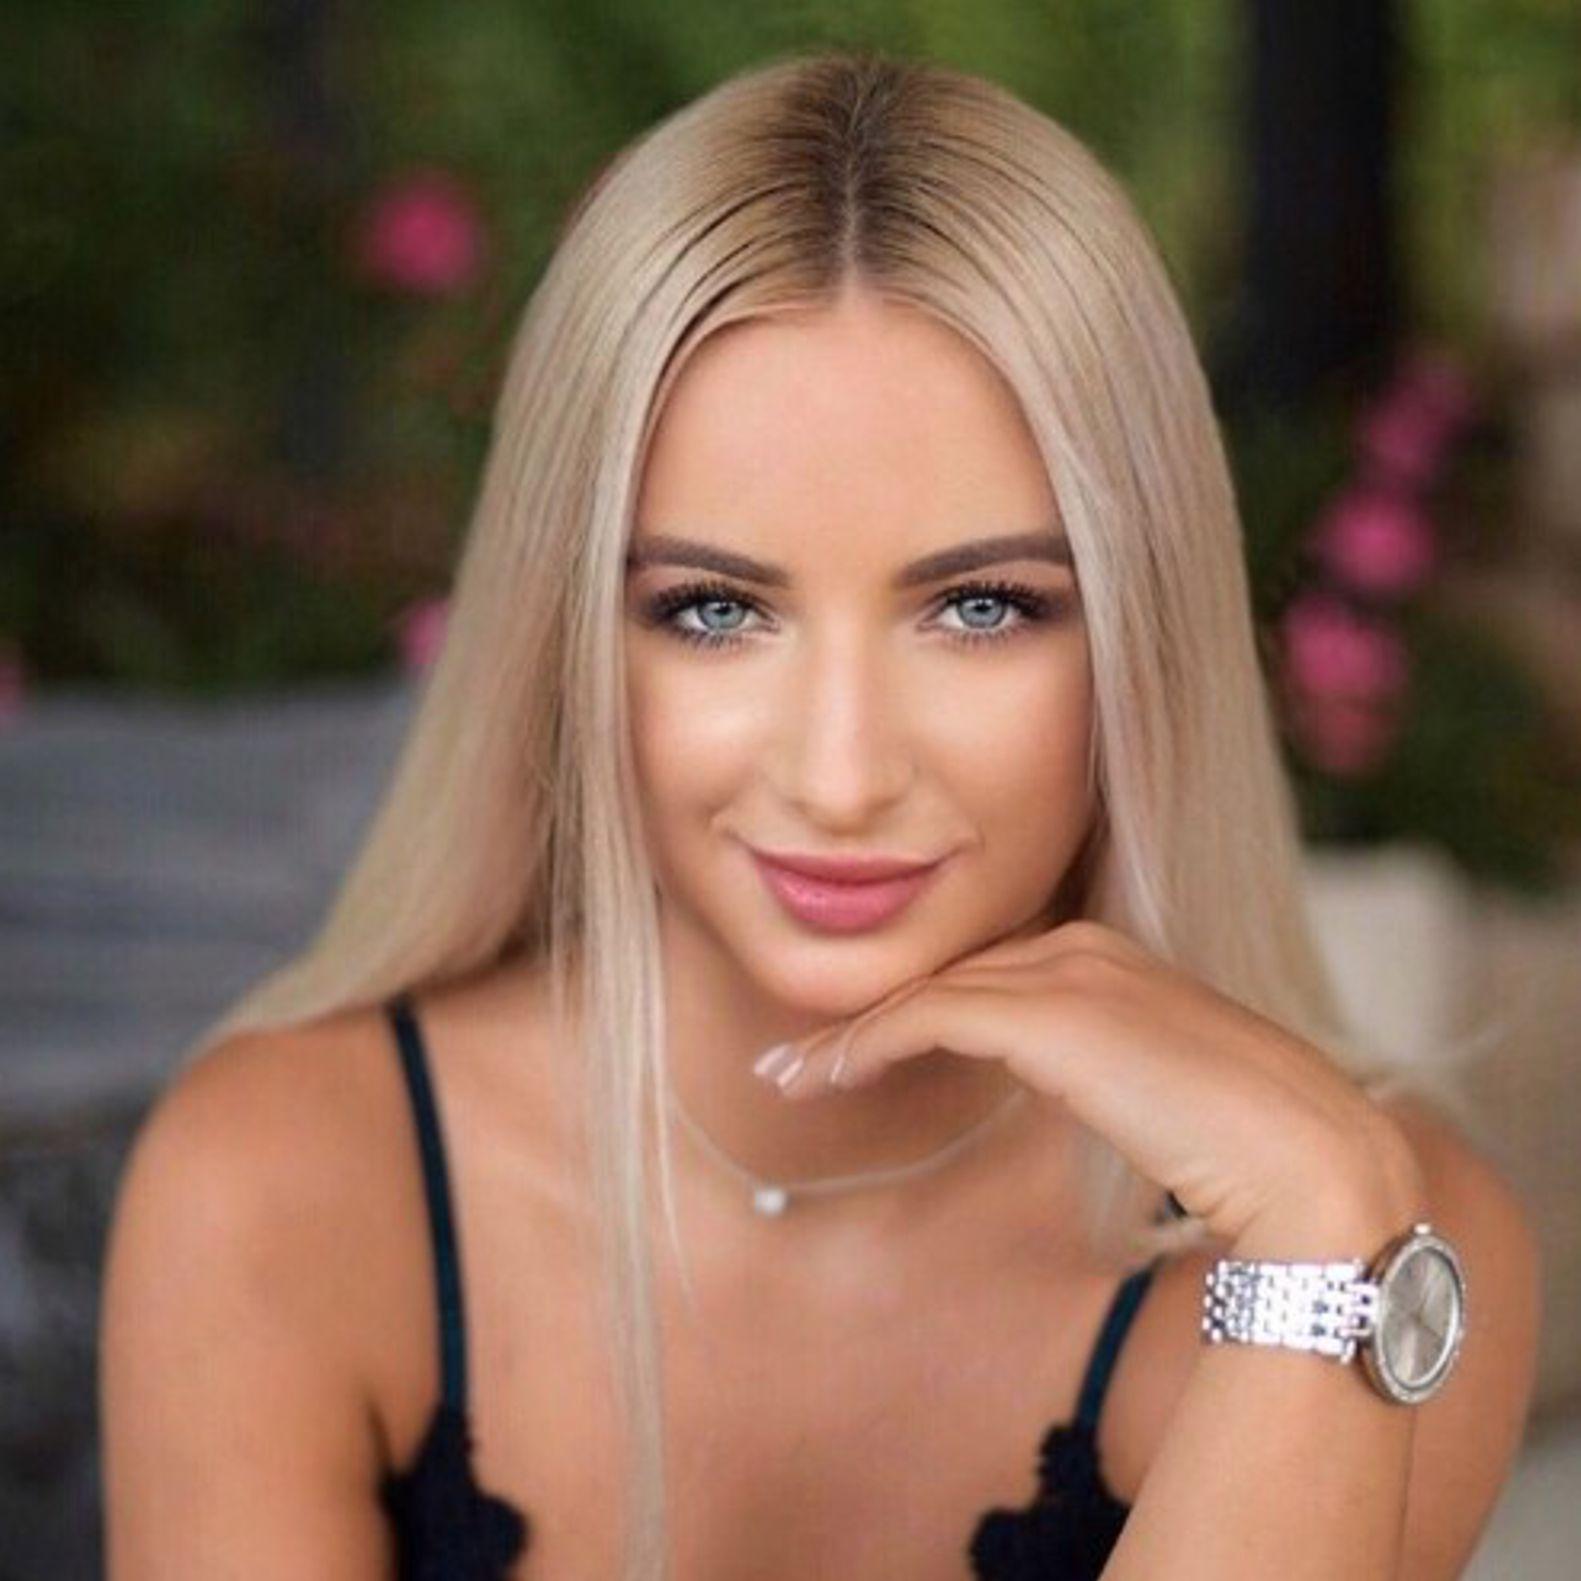 Veronika Miklova